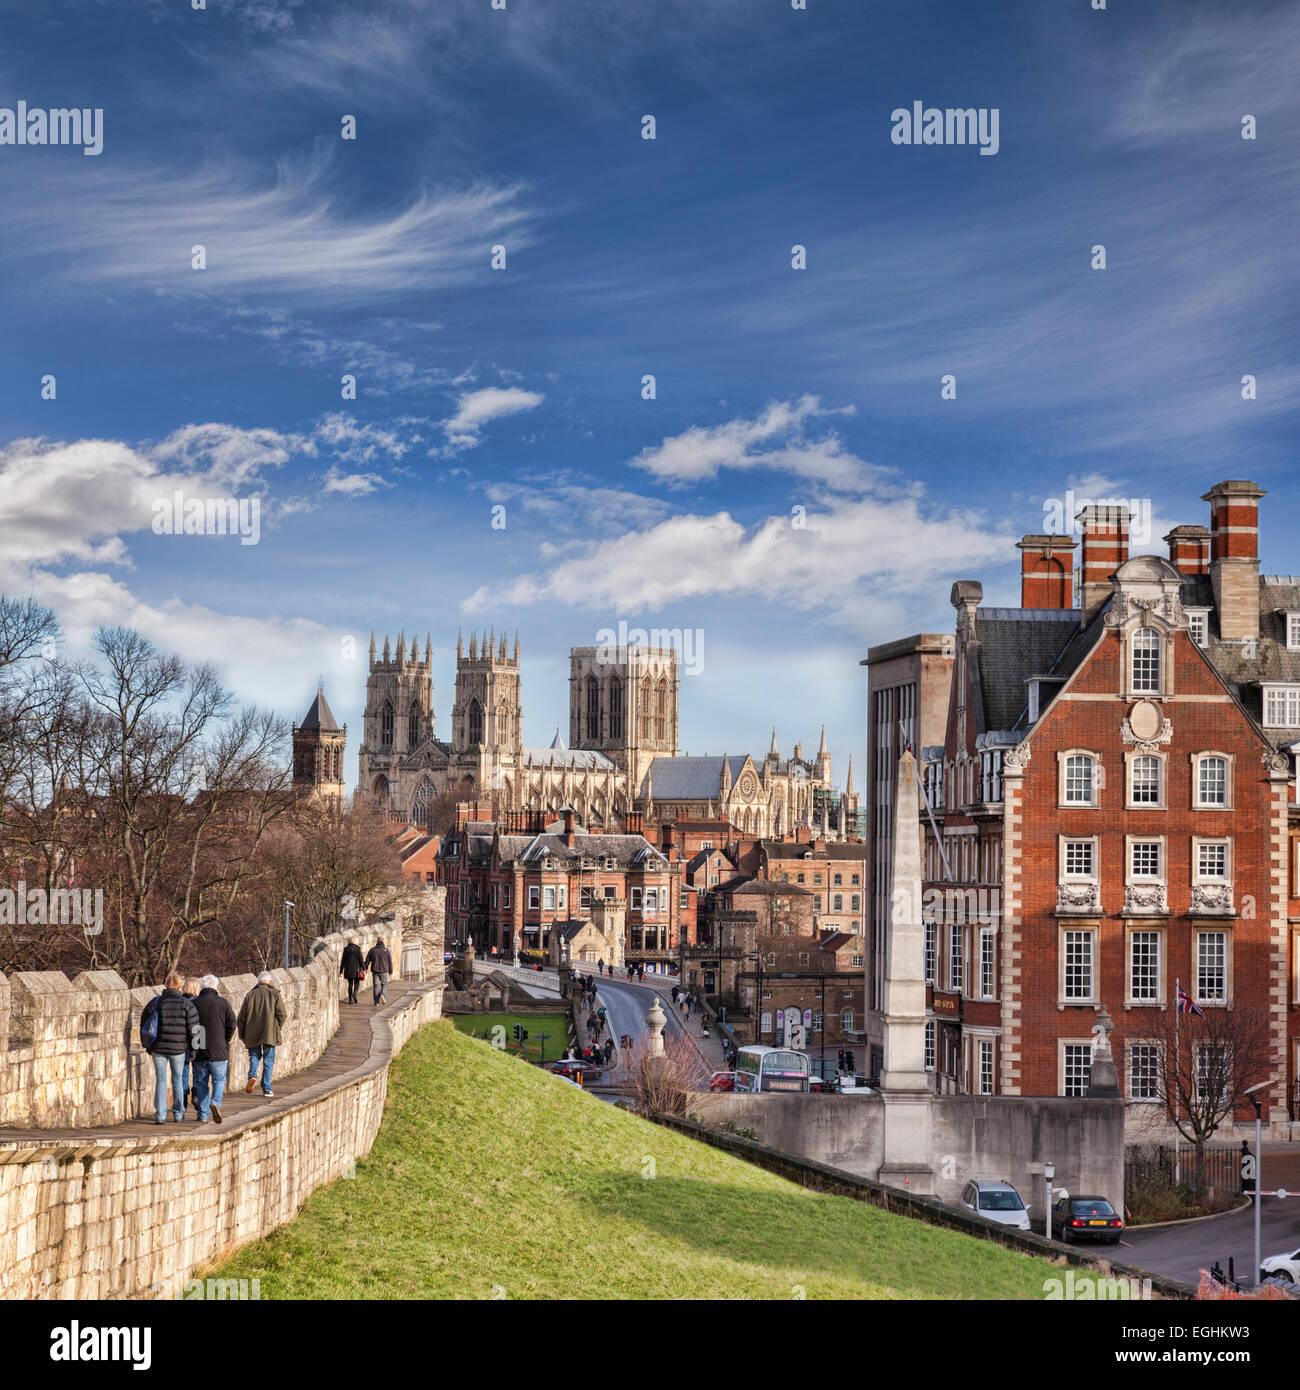 La ville de York, North Yorkshire, Angleterre, une vue le long du mur de la ville en direction de York Minster, Photo Stock